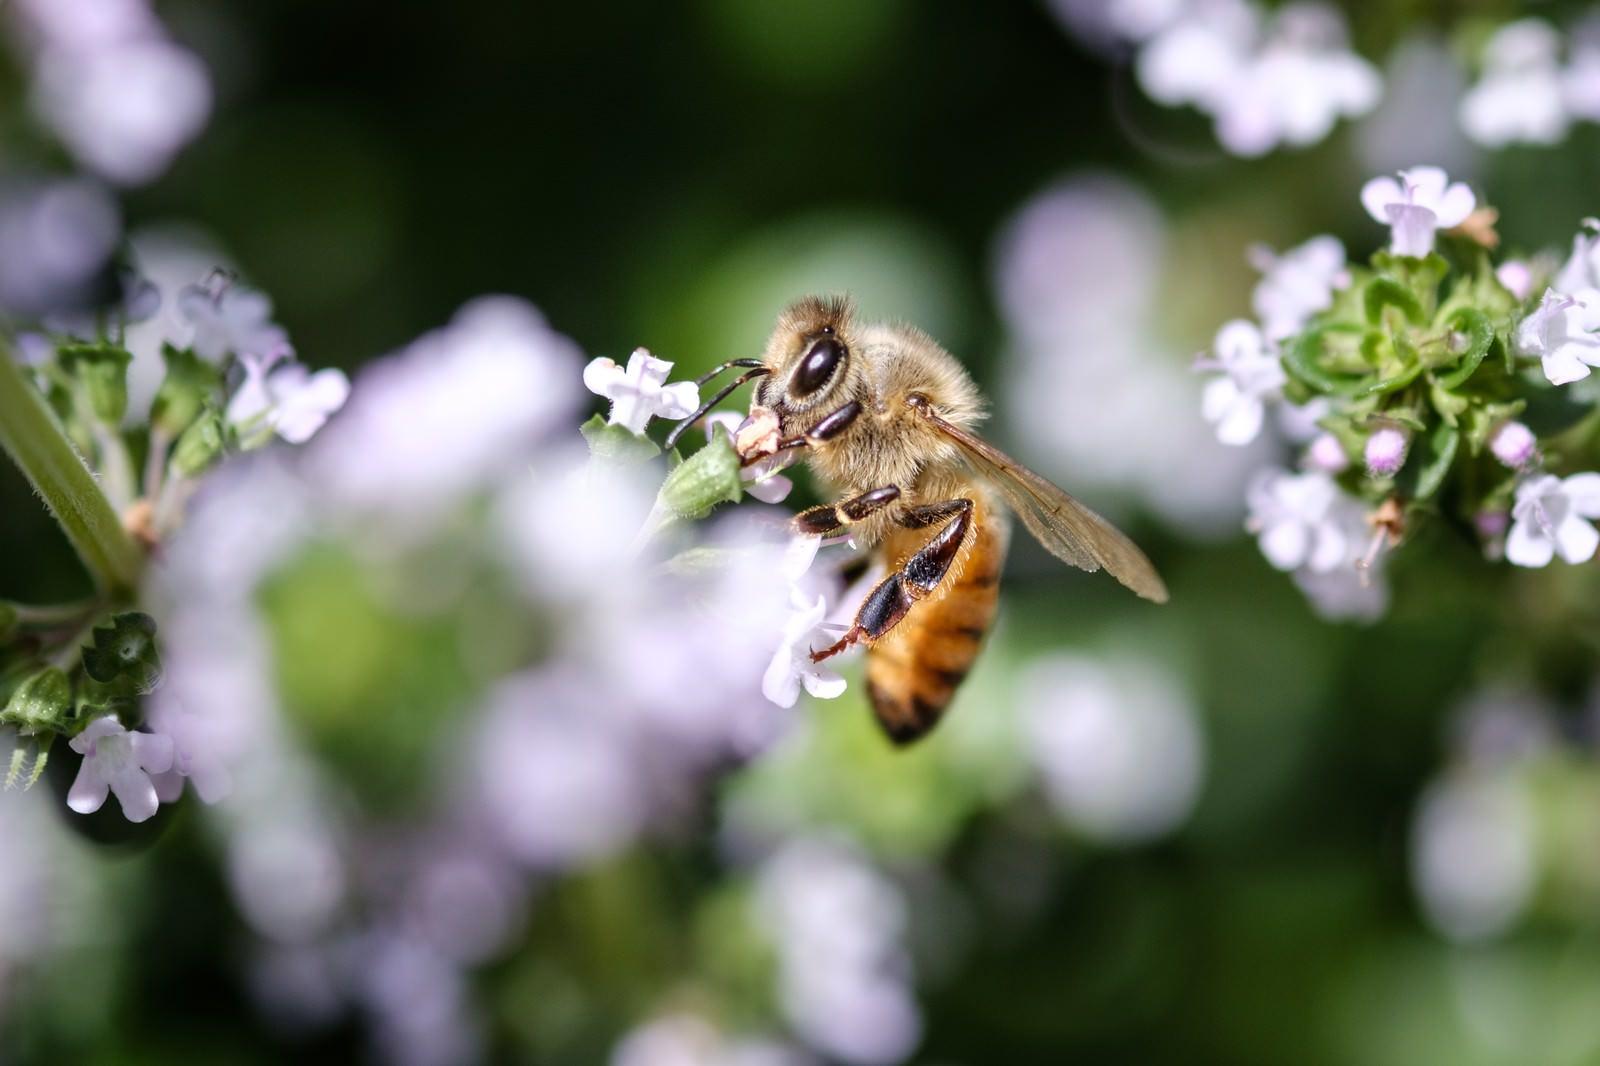 「花の蜜を吸うミツバチ」の写真